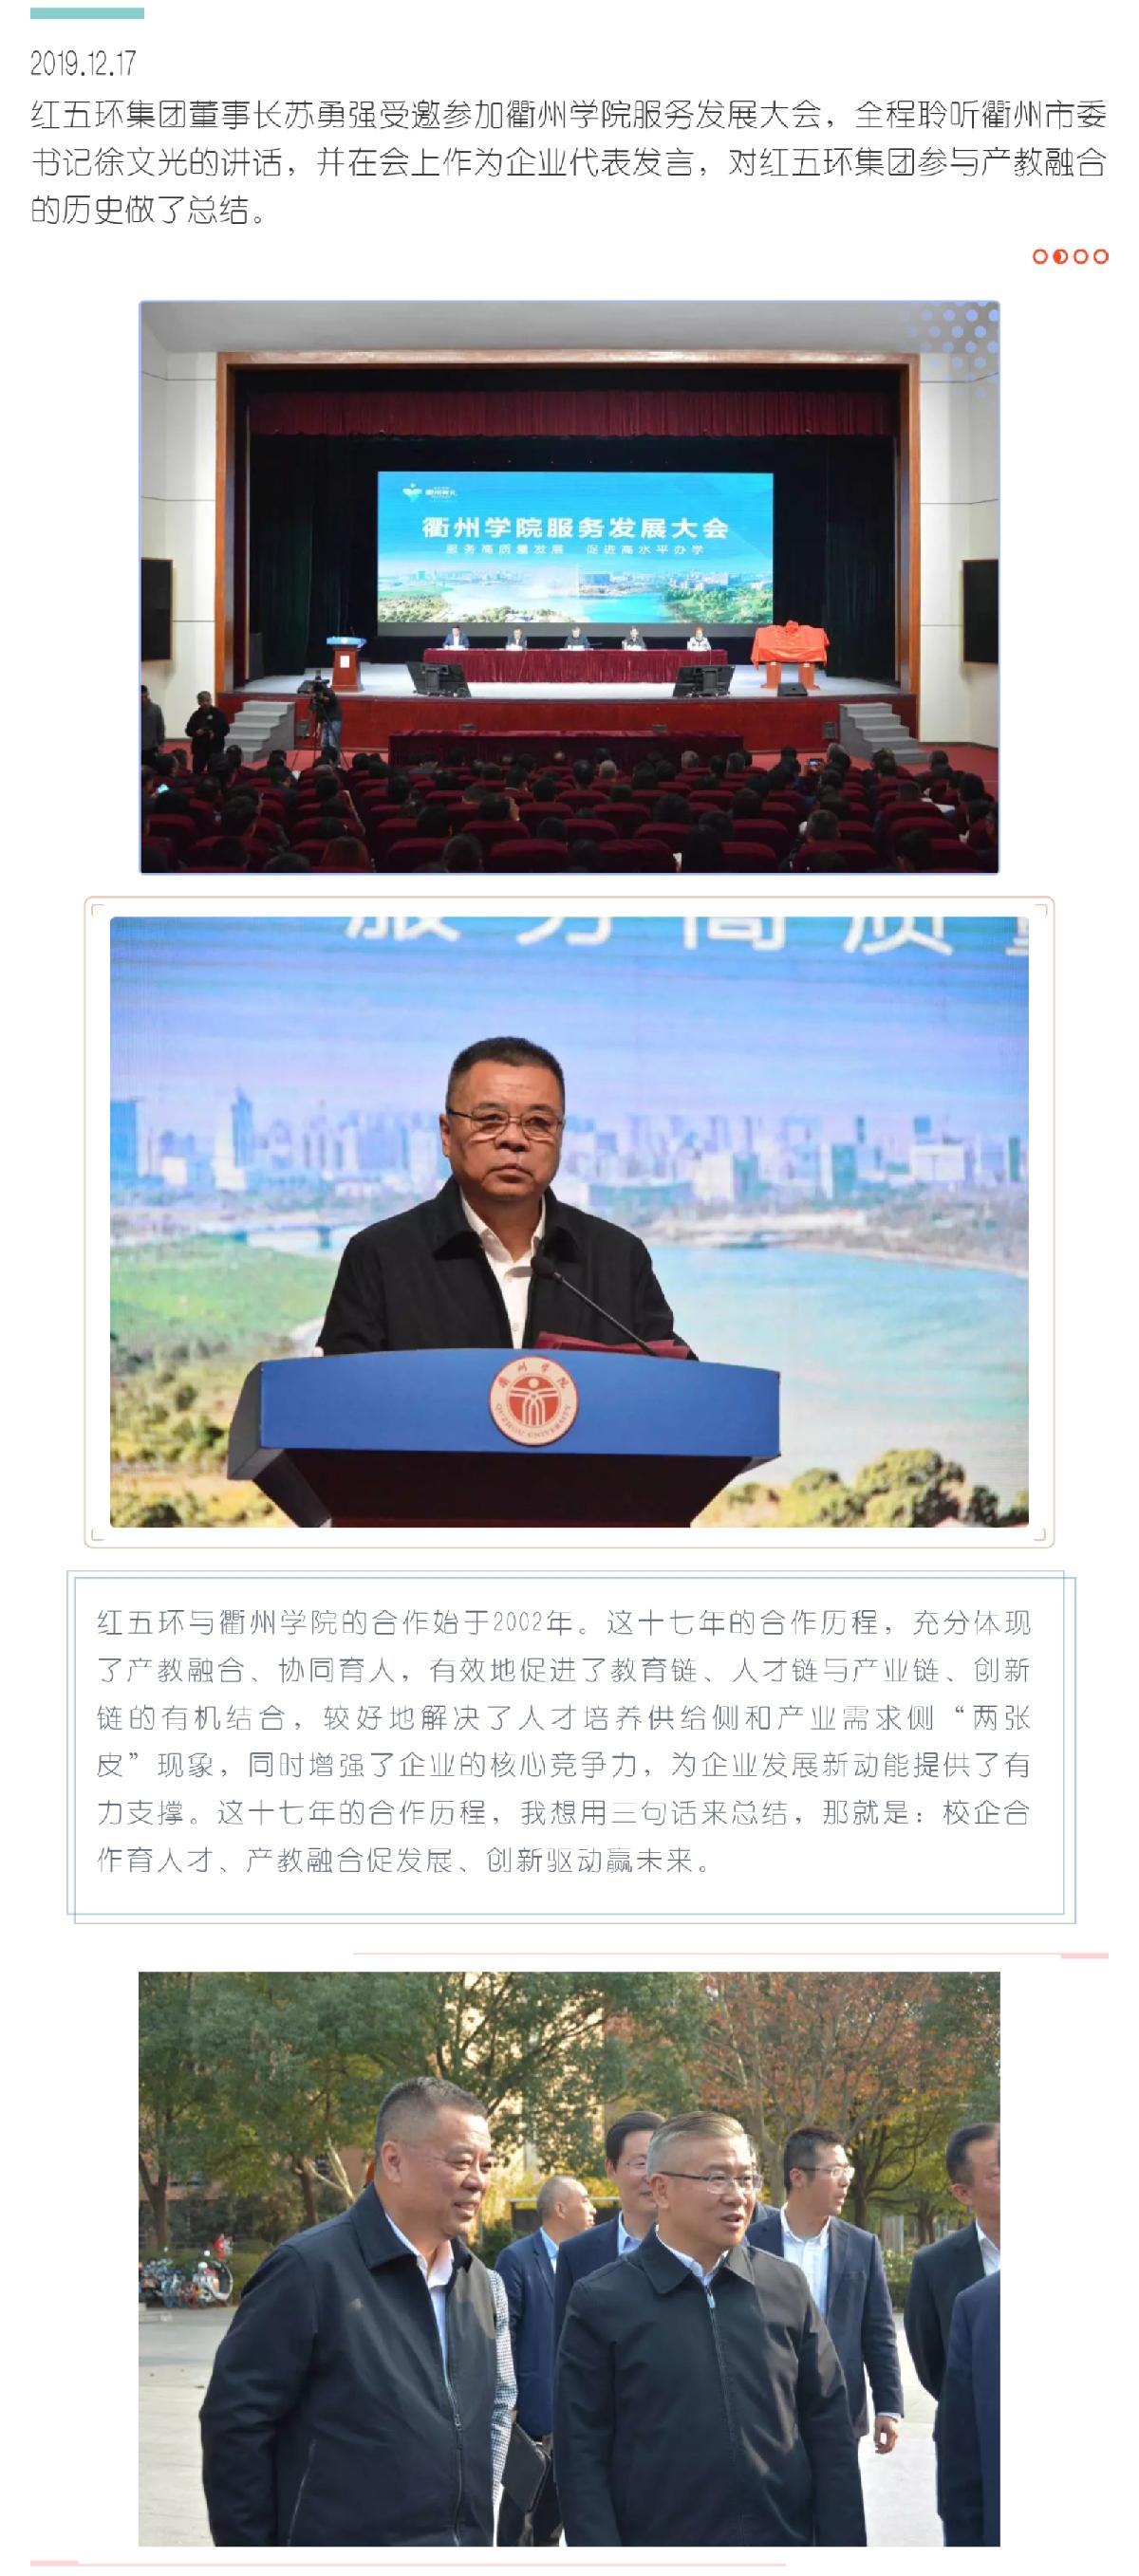 Screenshot_20191220_085134_com.tencent_02